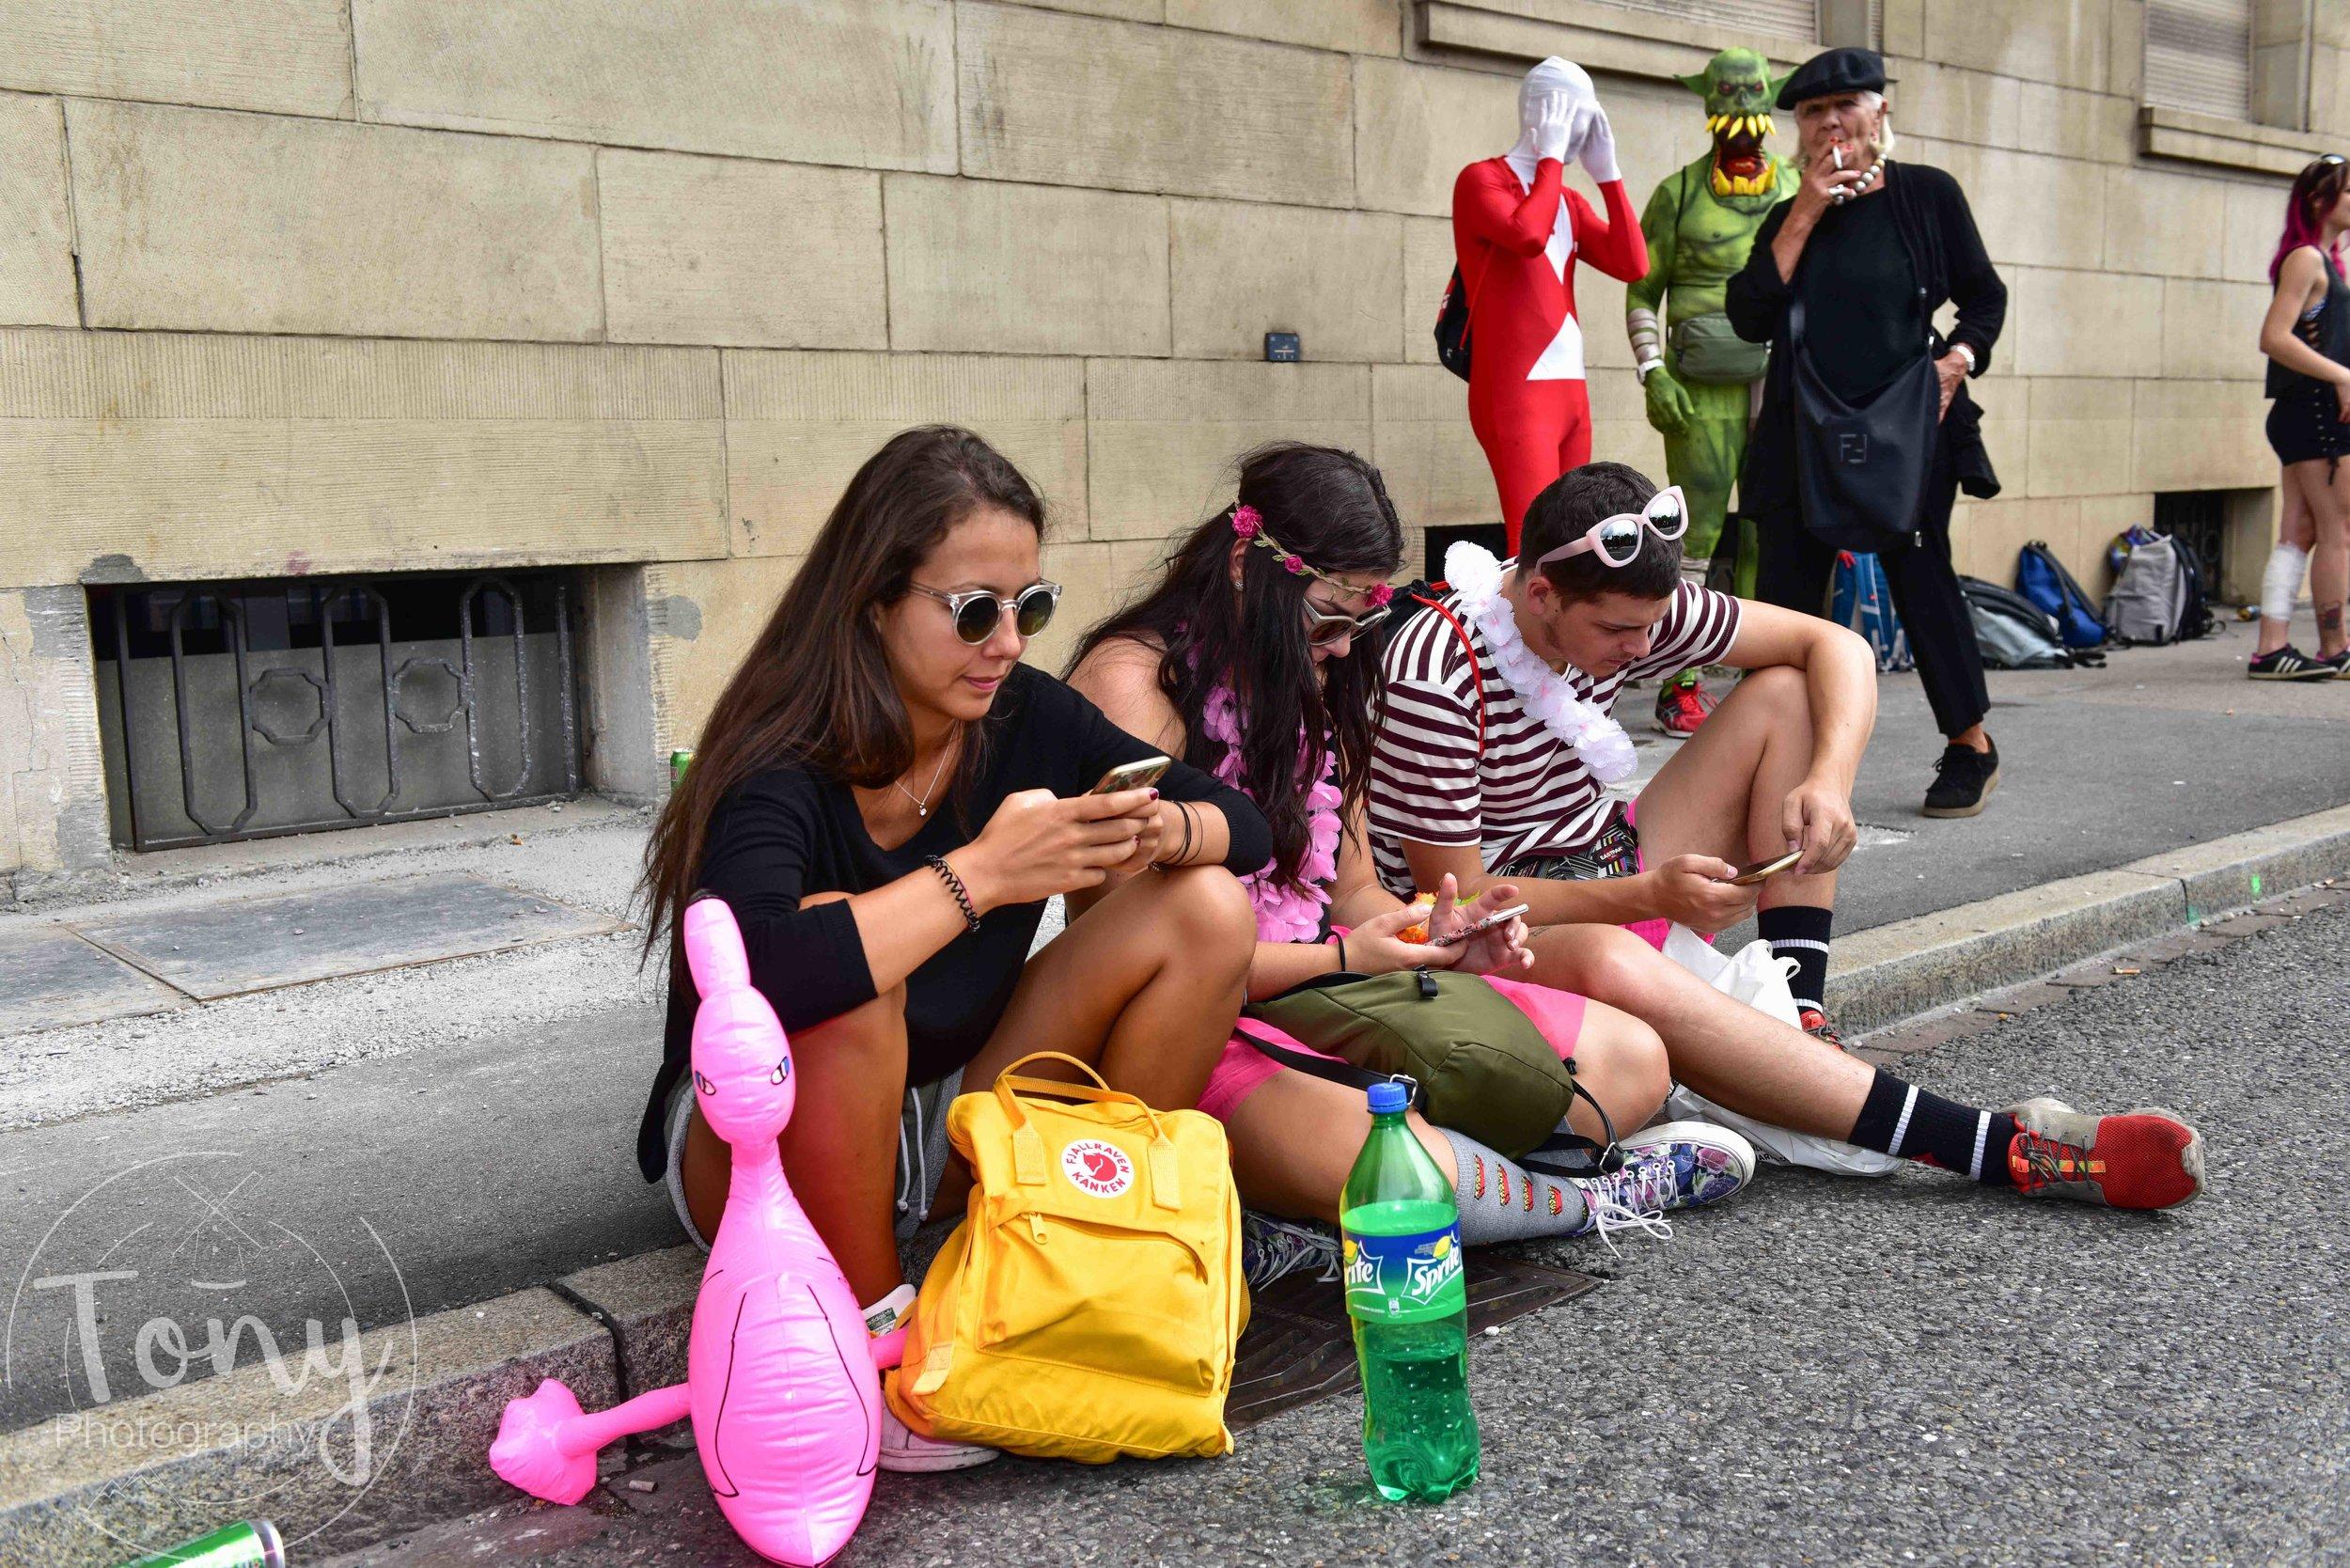 streetparade-50.jpg